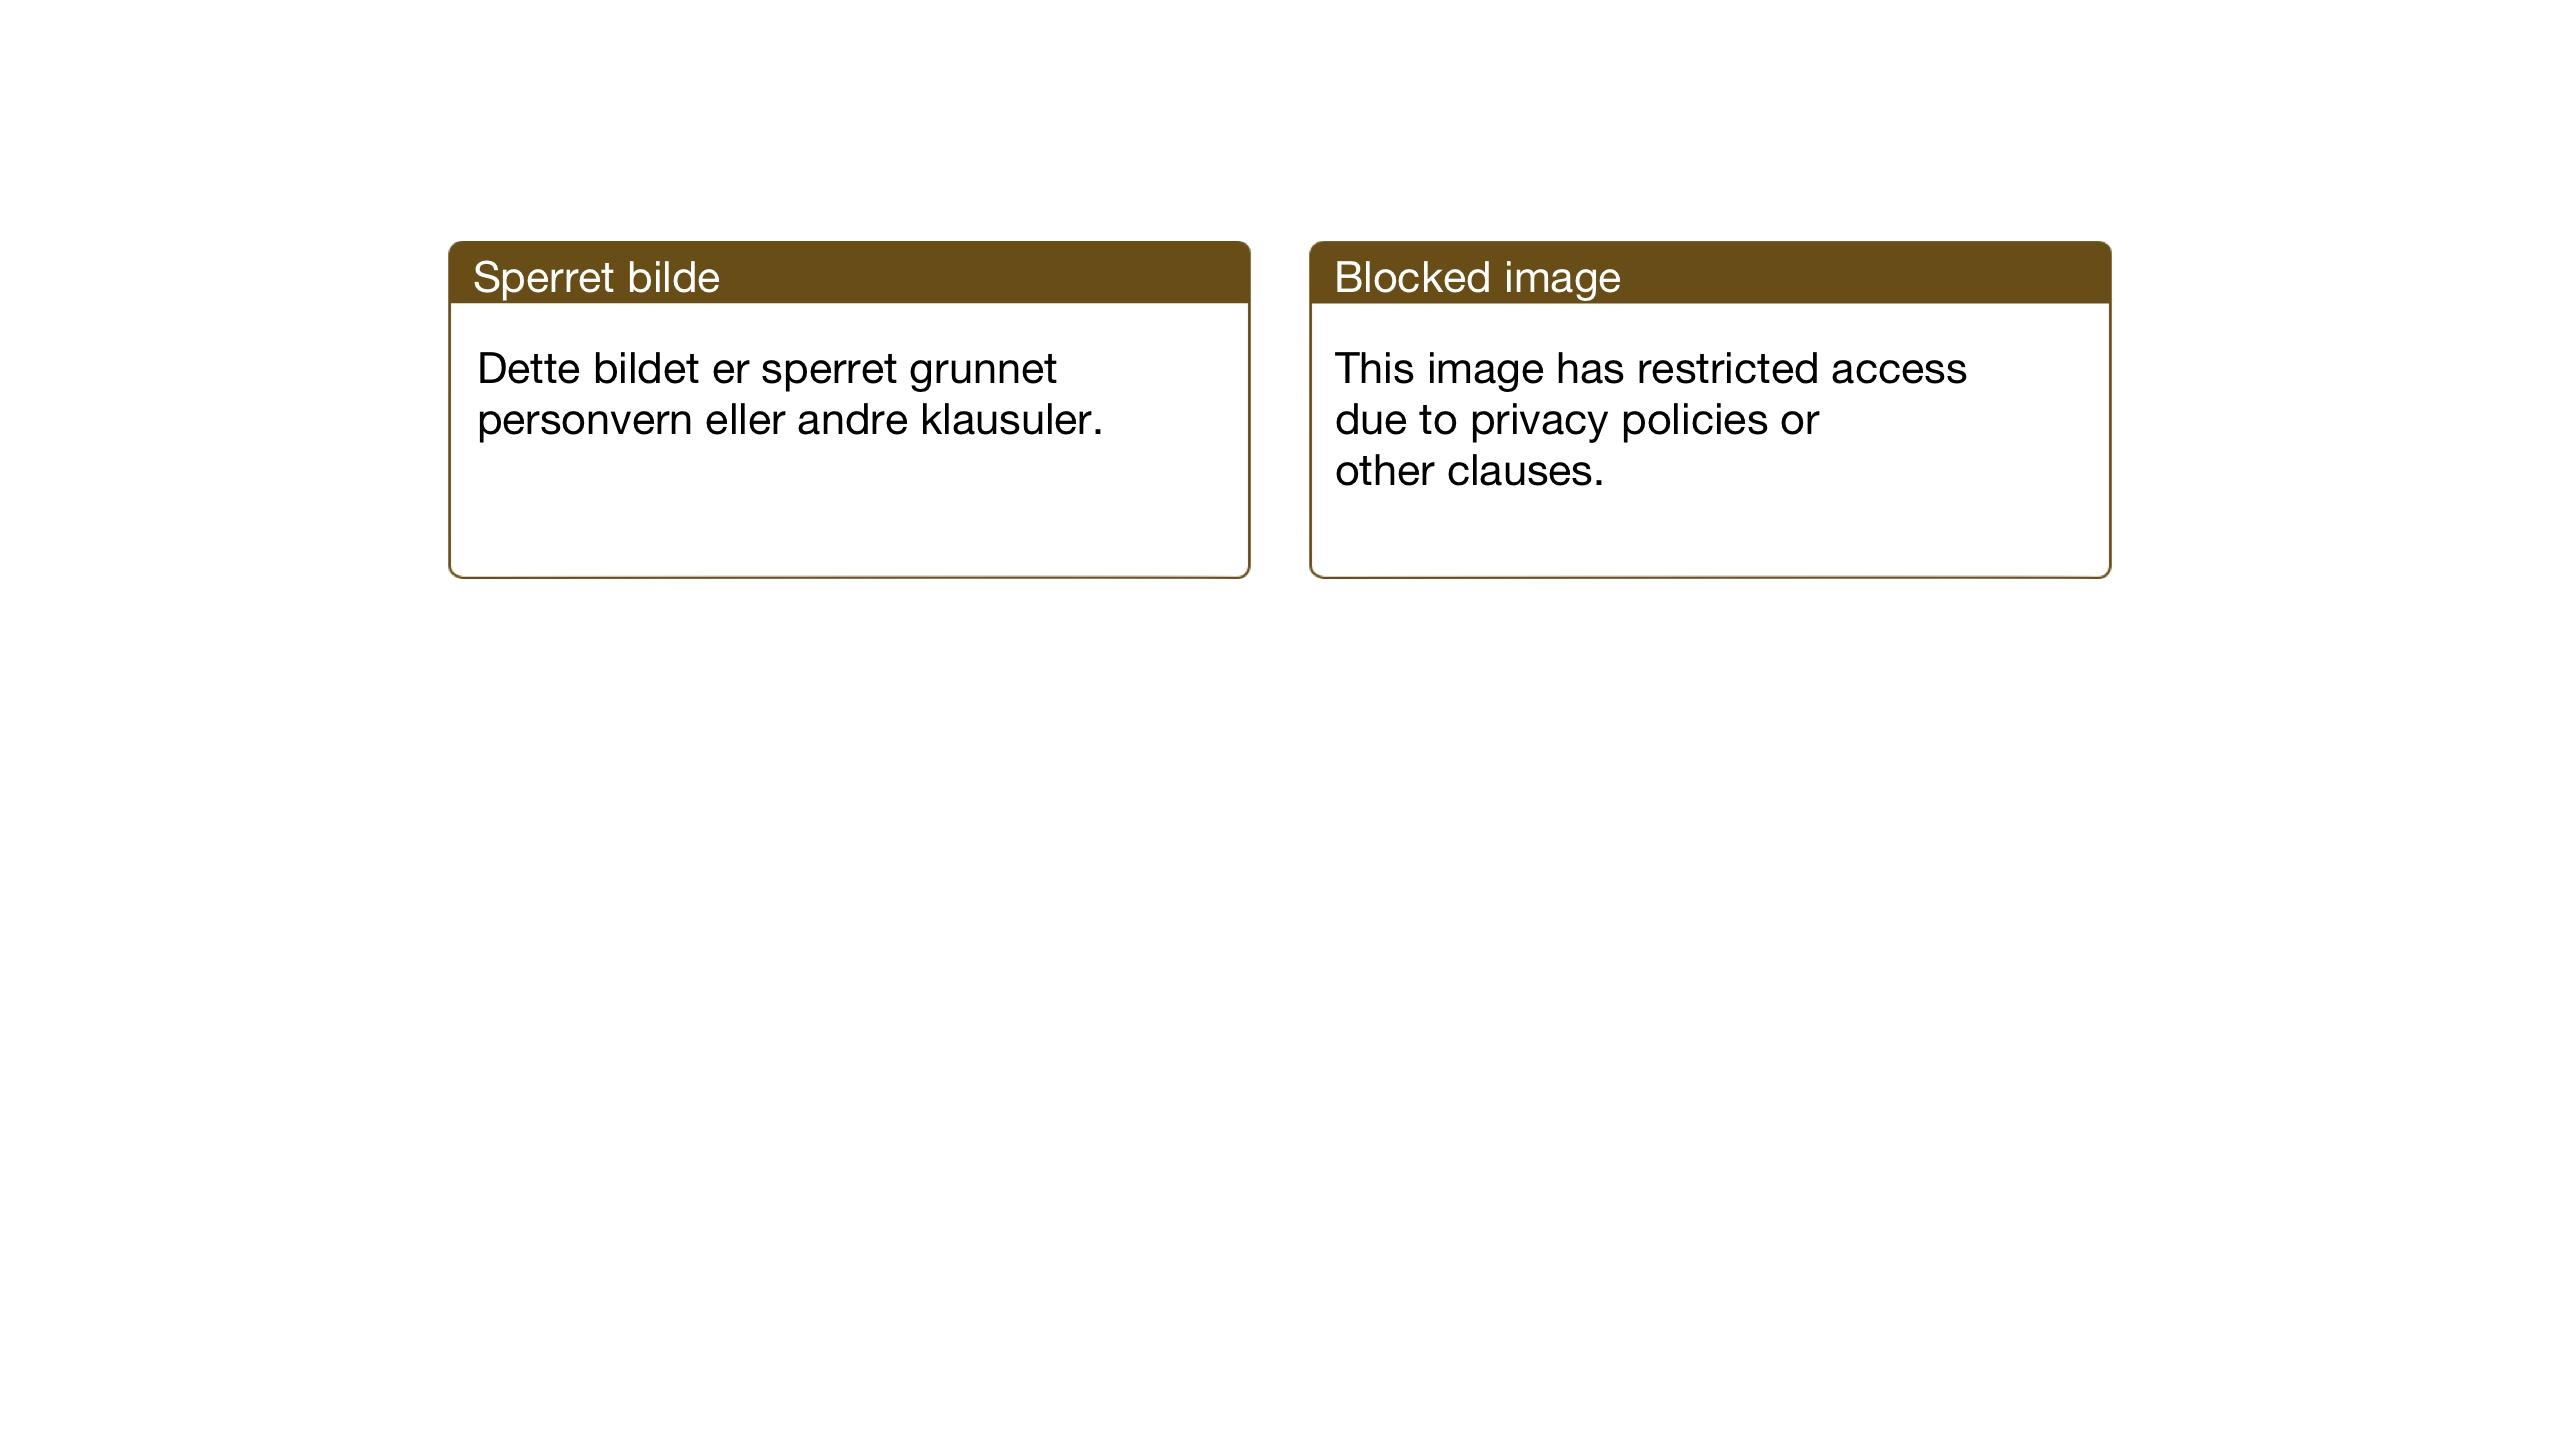 SAT, Ministerialprotokoller, klokkerbøker og fødselsregistre - Nord-Trøndelag, 755/L0500: Klokkerbok nr. 755C01, 1920-1962, s. 54